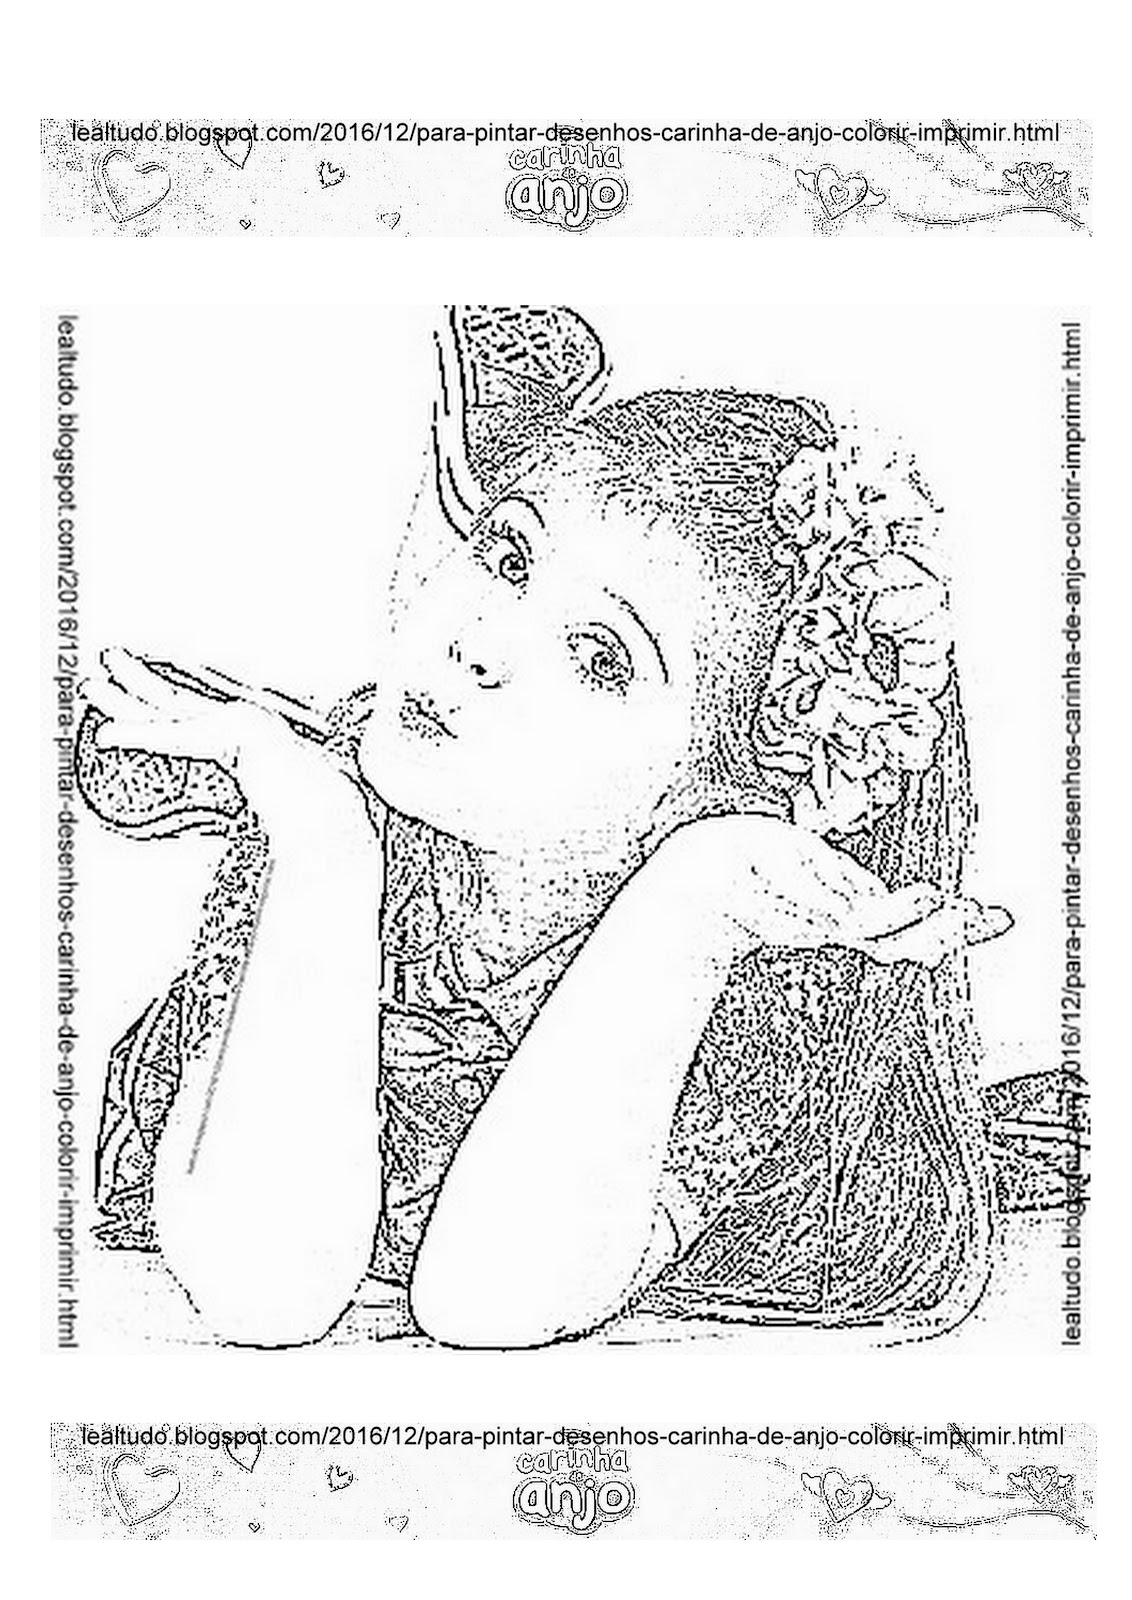 para pintar desenhos carinha de anjo para colorir da novela a